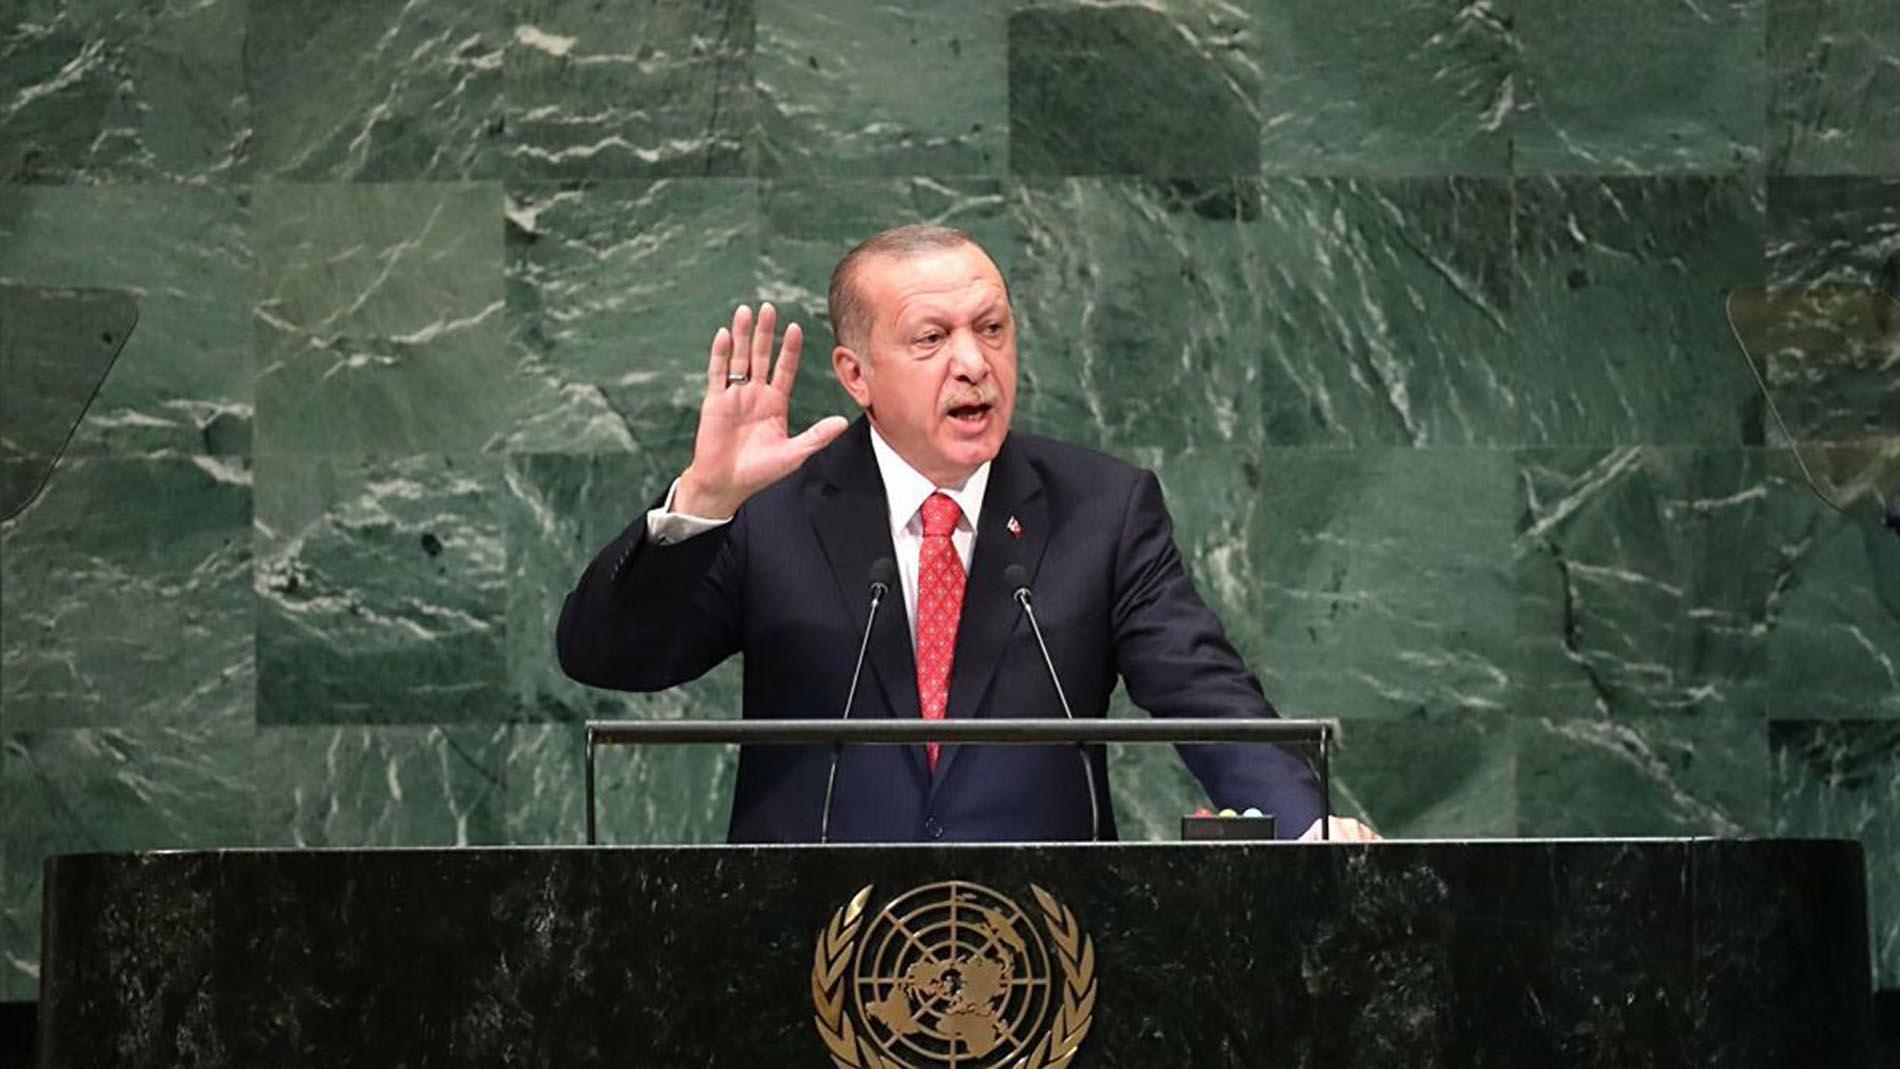 Cumhurbaşkanı Erdoğan, BM Genel Kuruluna katılmak için ABD'ye gidiyor